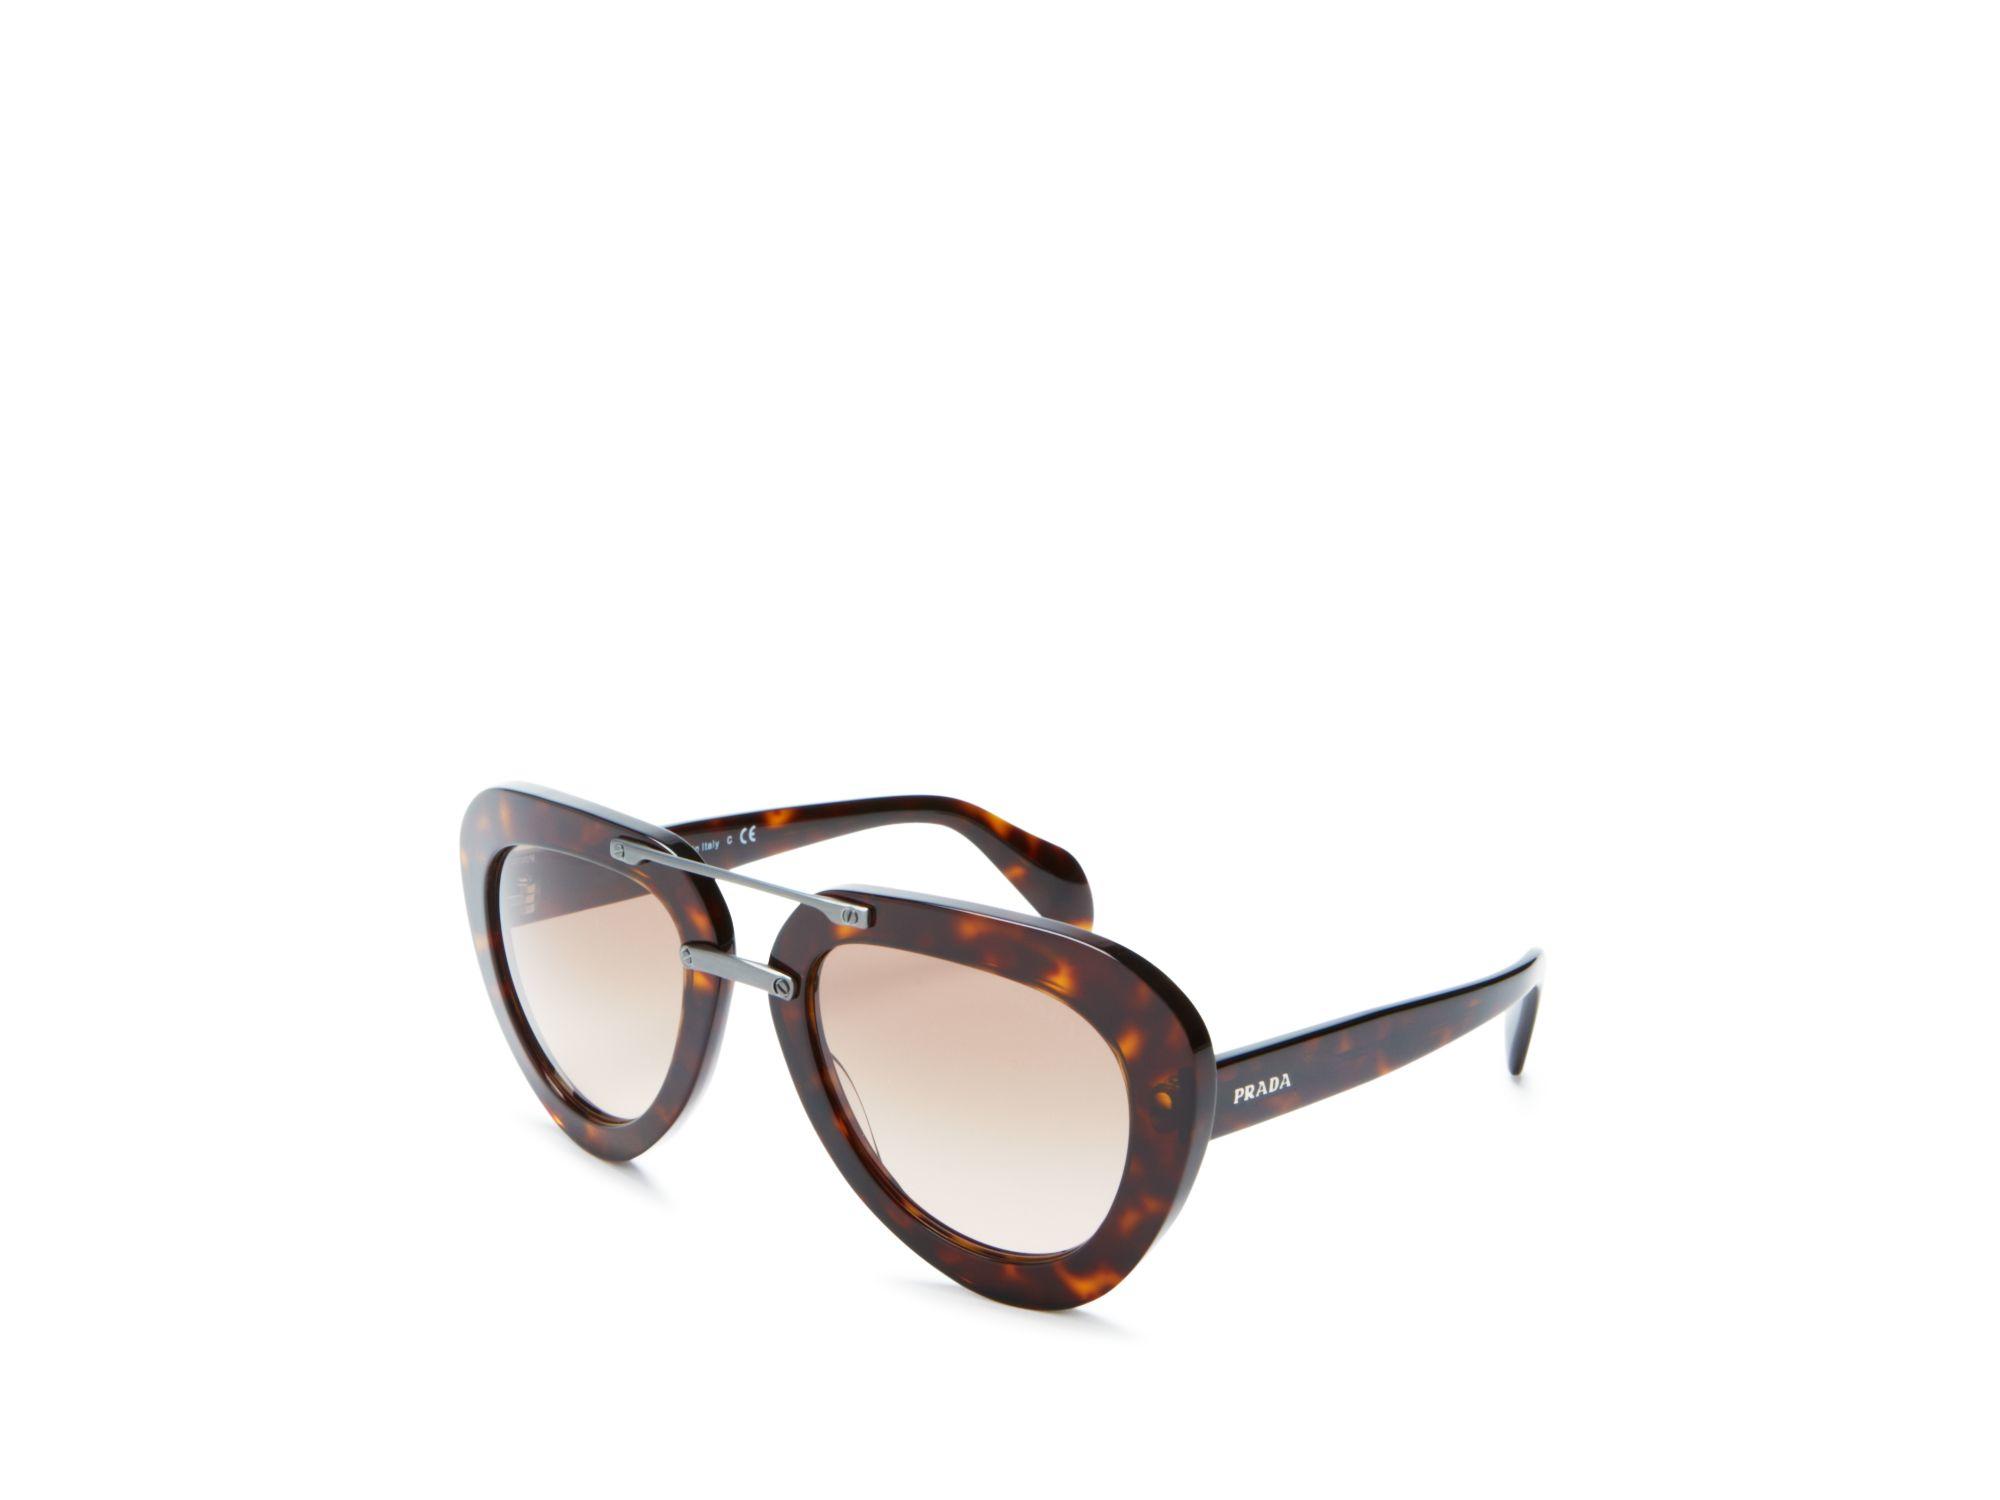 34e376e7f2f3 Prada Womens Sunglasses Aviator